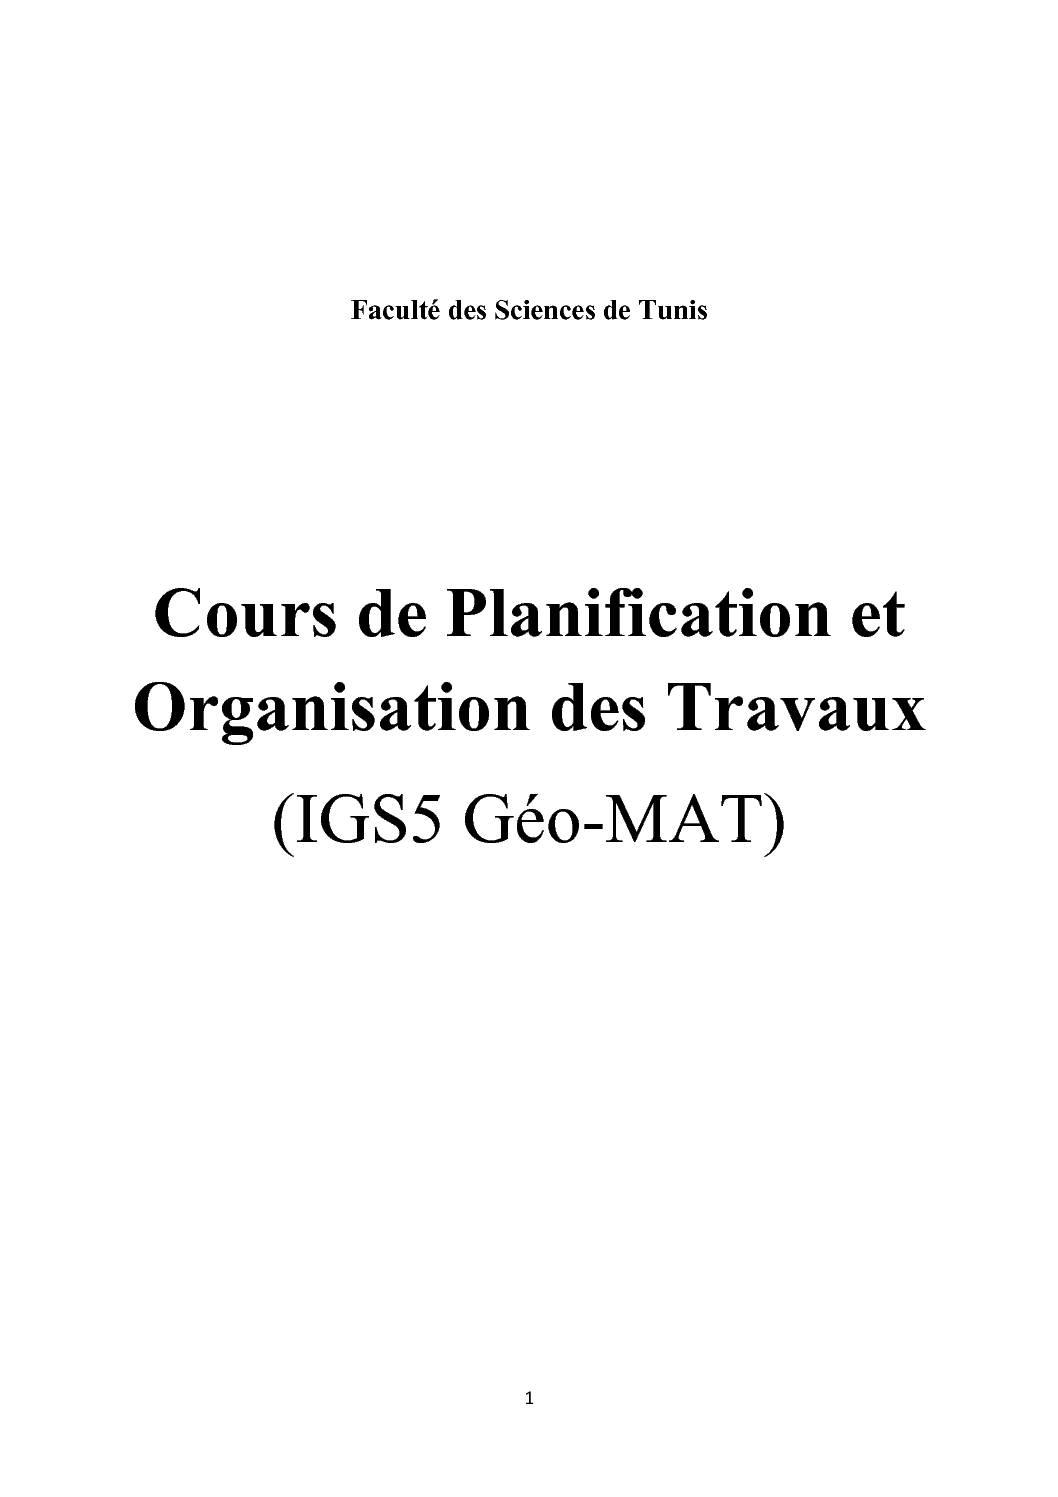 Cours de Planification et Organisation des Travaux